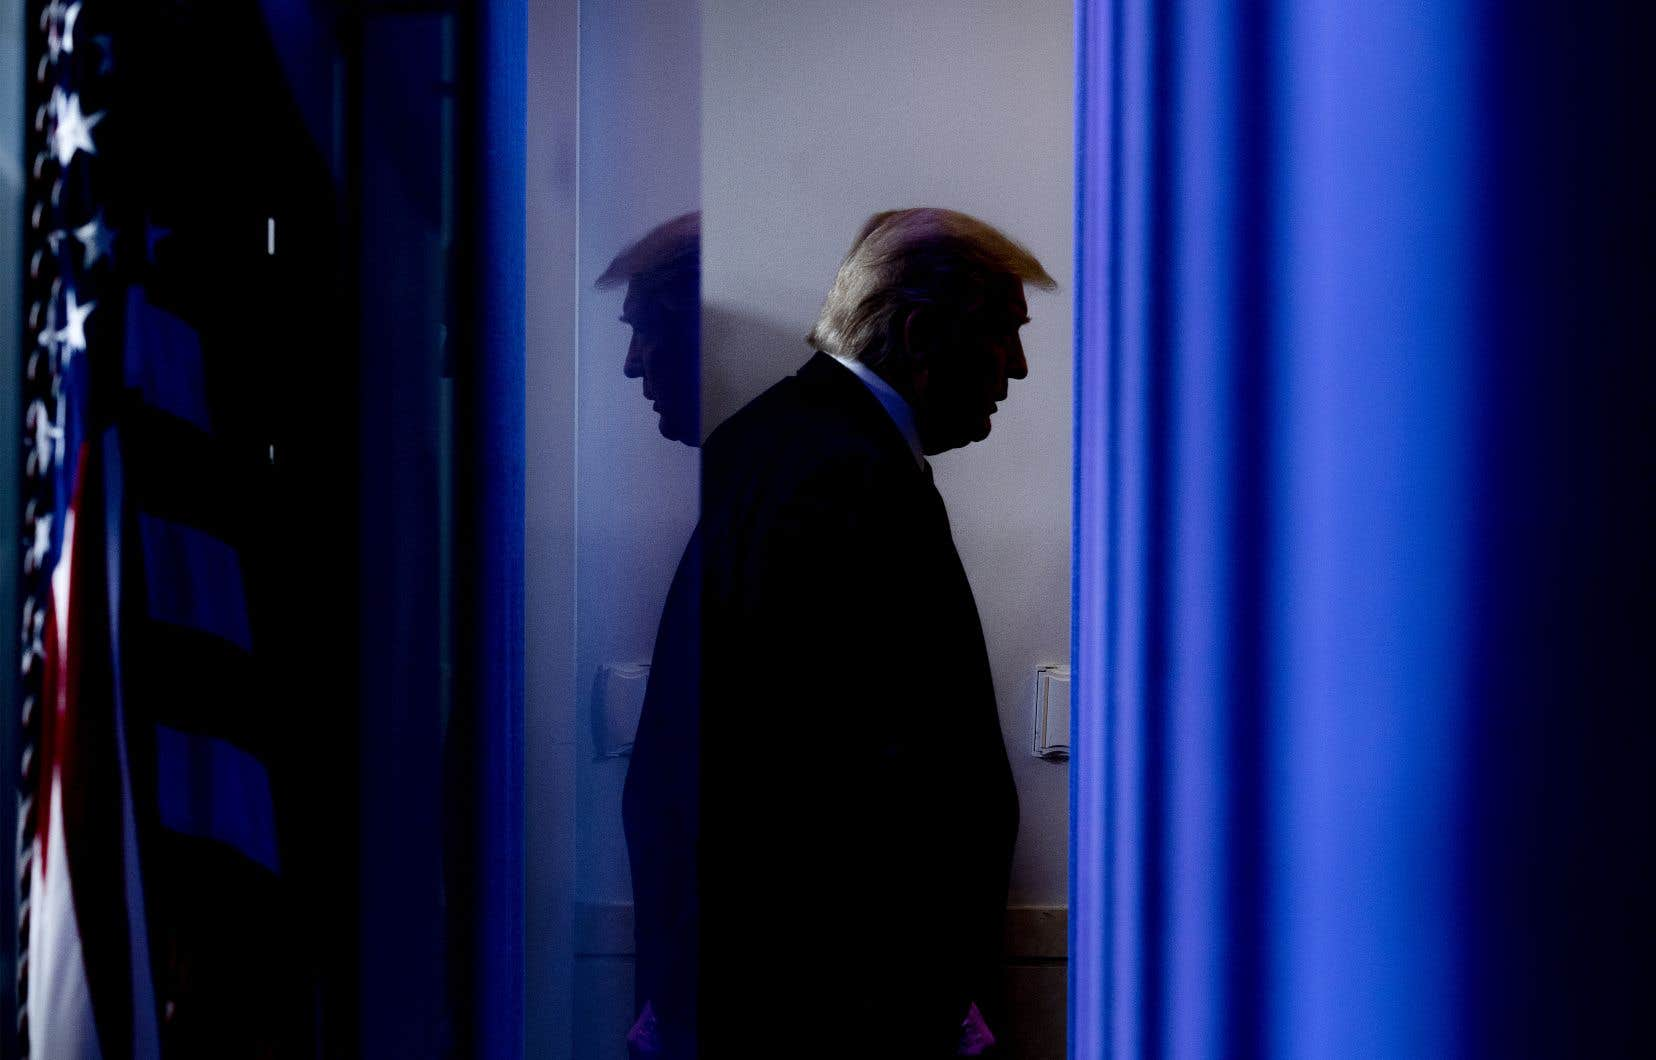 Maintenant qu'il a perdu le pouvoir, l'influence de Donald Trump au sein de la famille républicaine semble inégale.